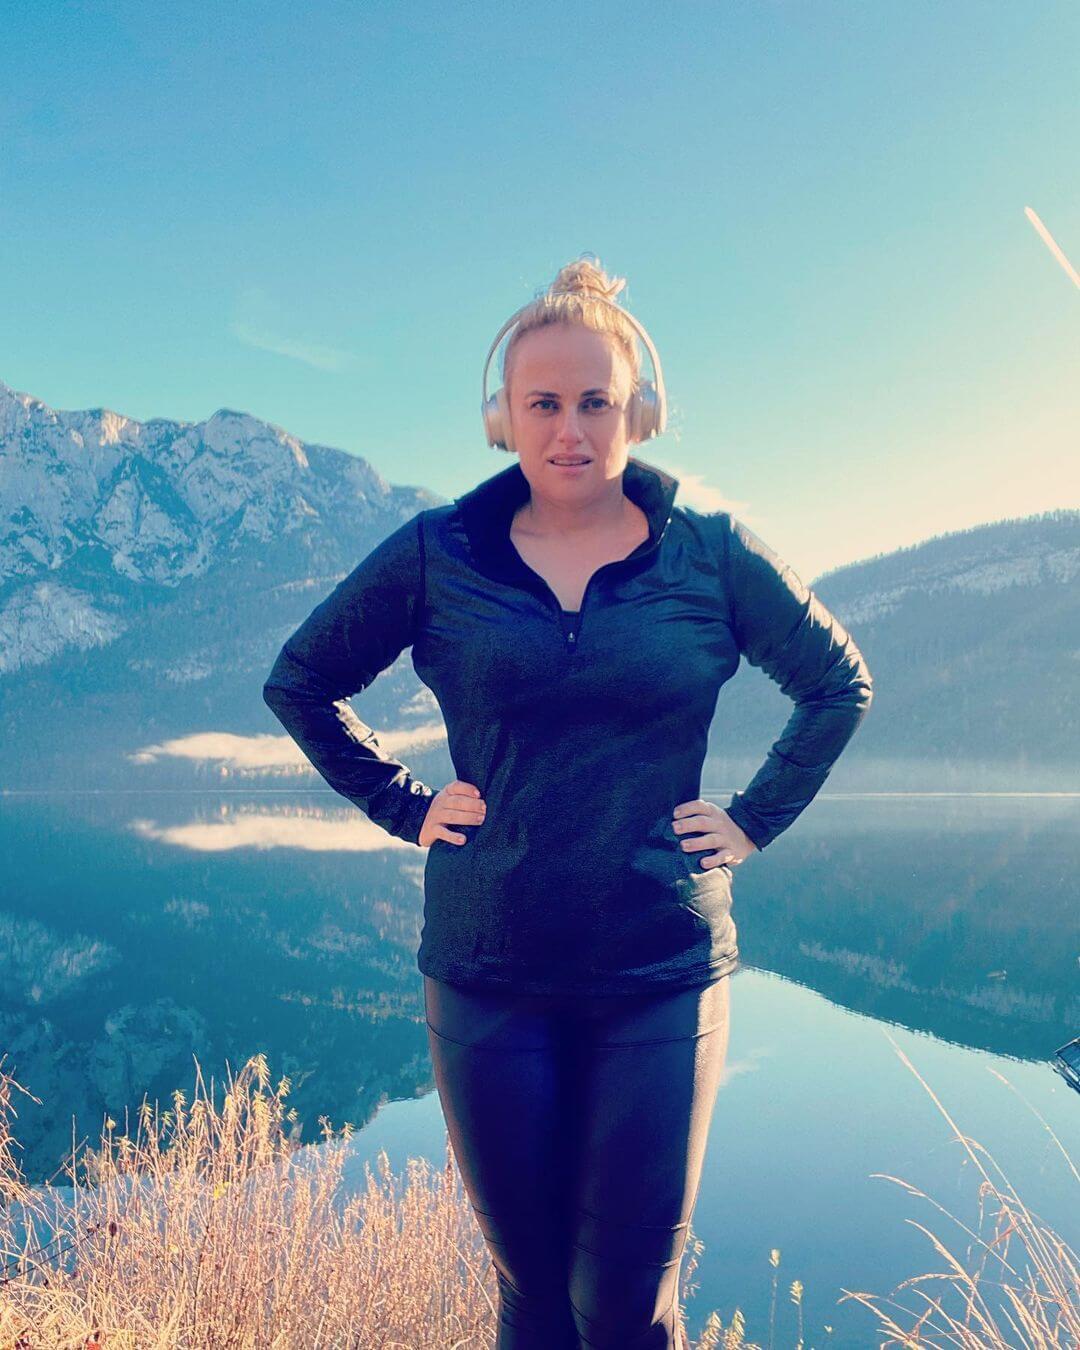 РебелУилсон показала, как избавляется от последних двух килограмм лишнего веса-Фото 2